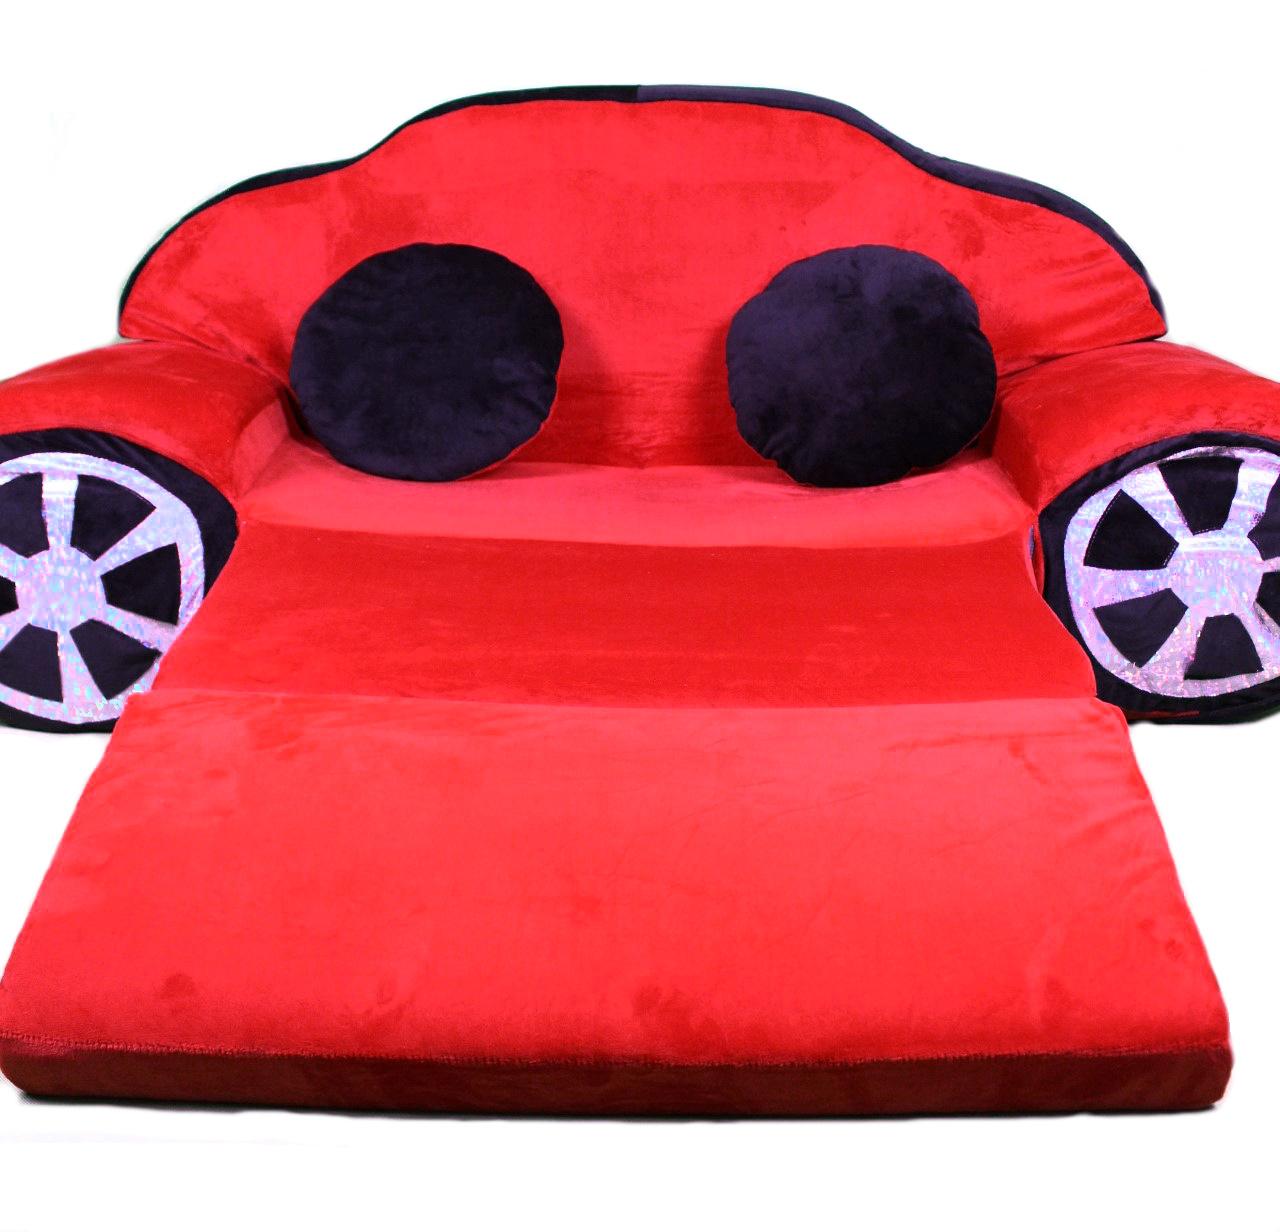 Maxi dětská rozkládací pohovka Auto